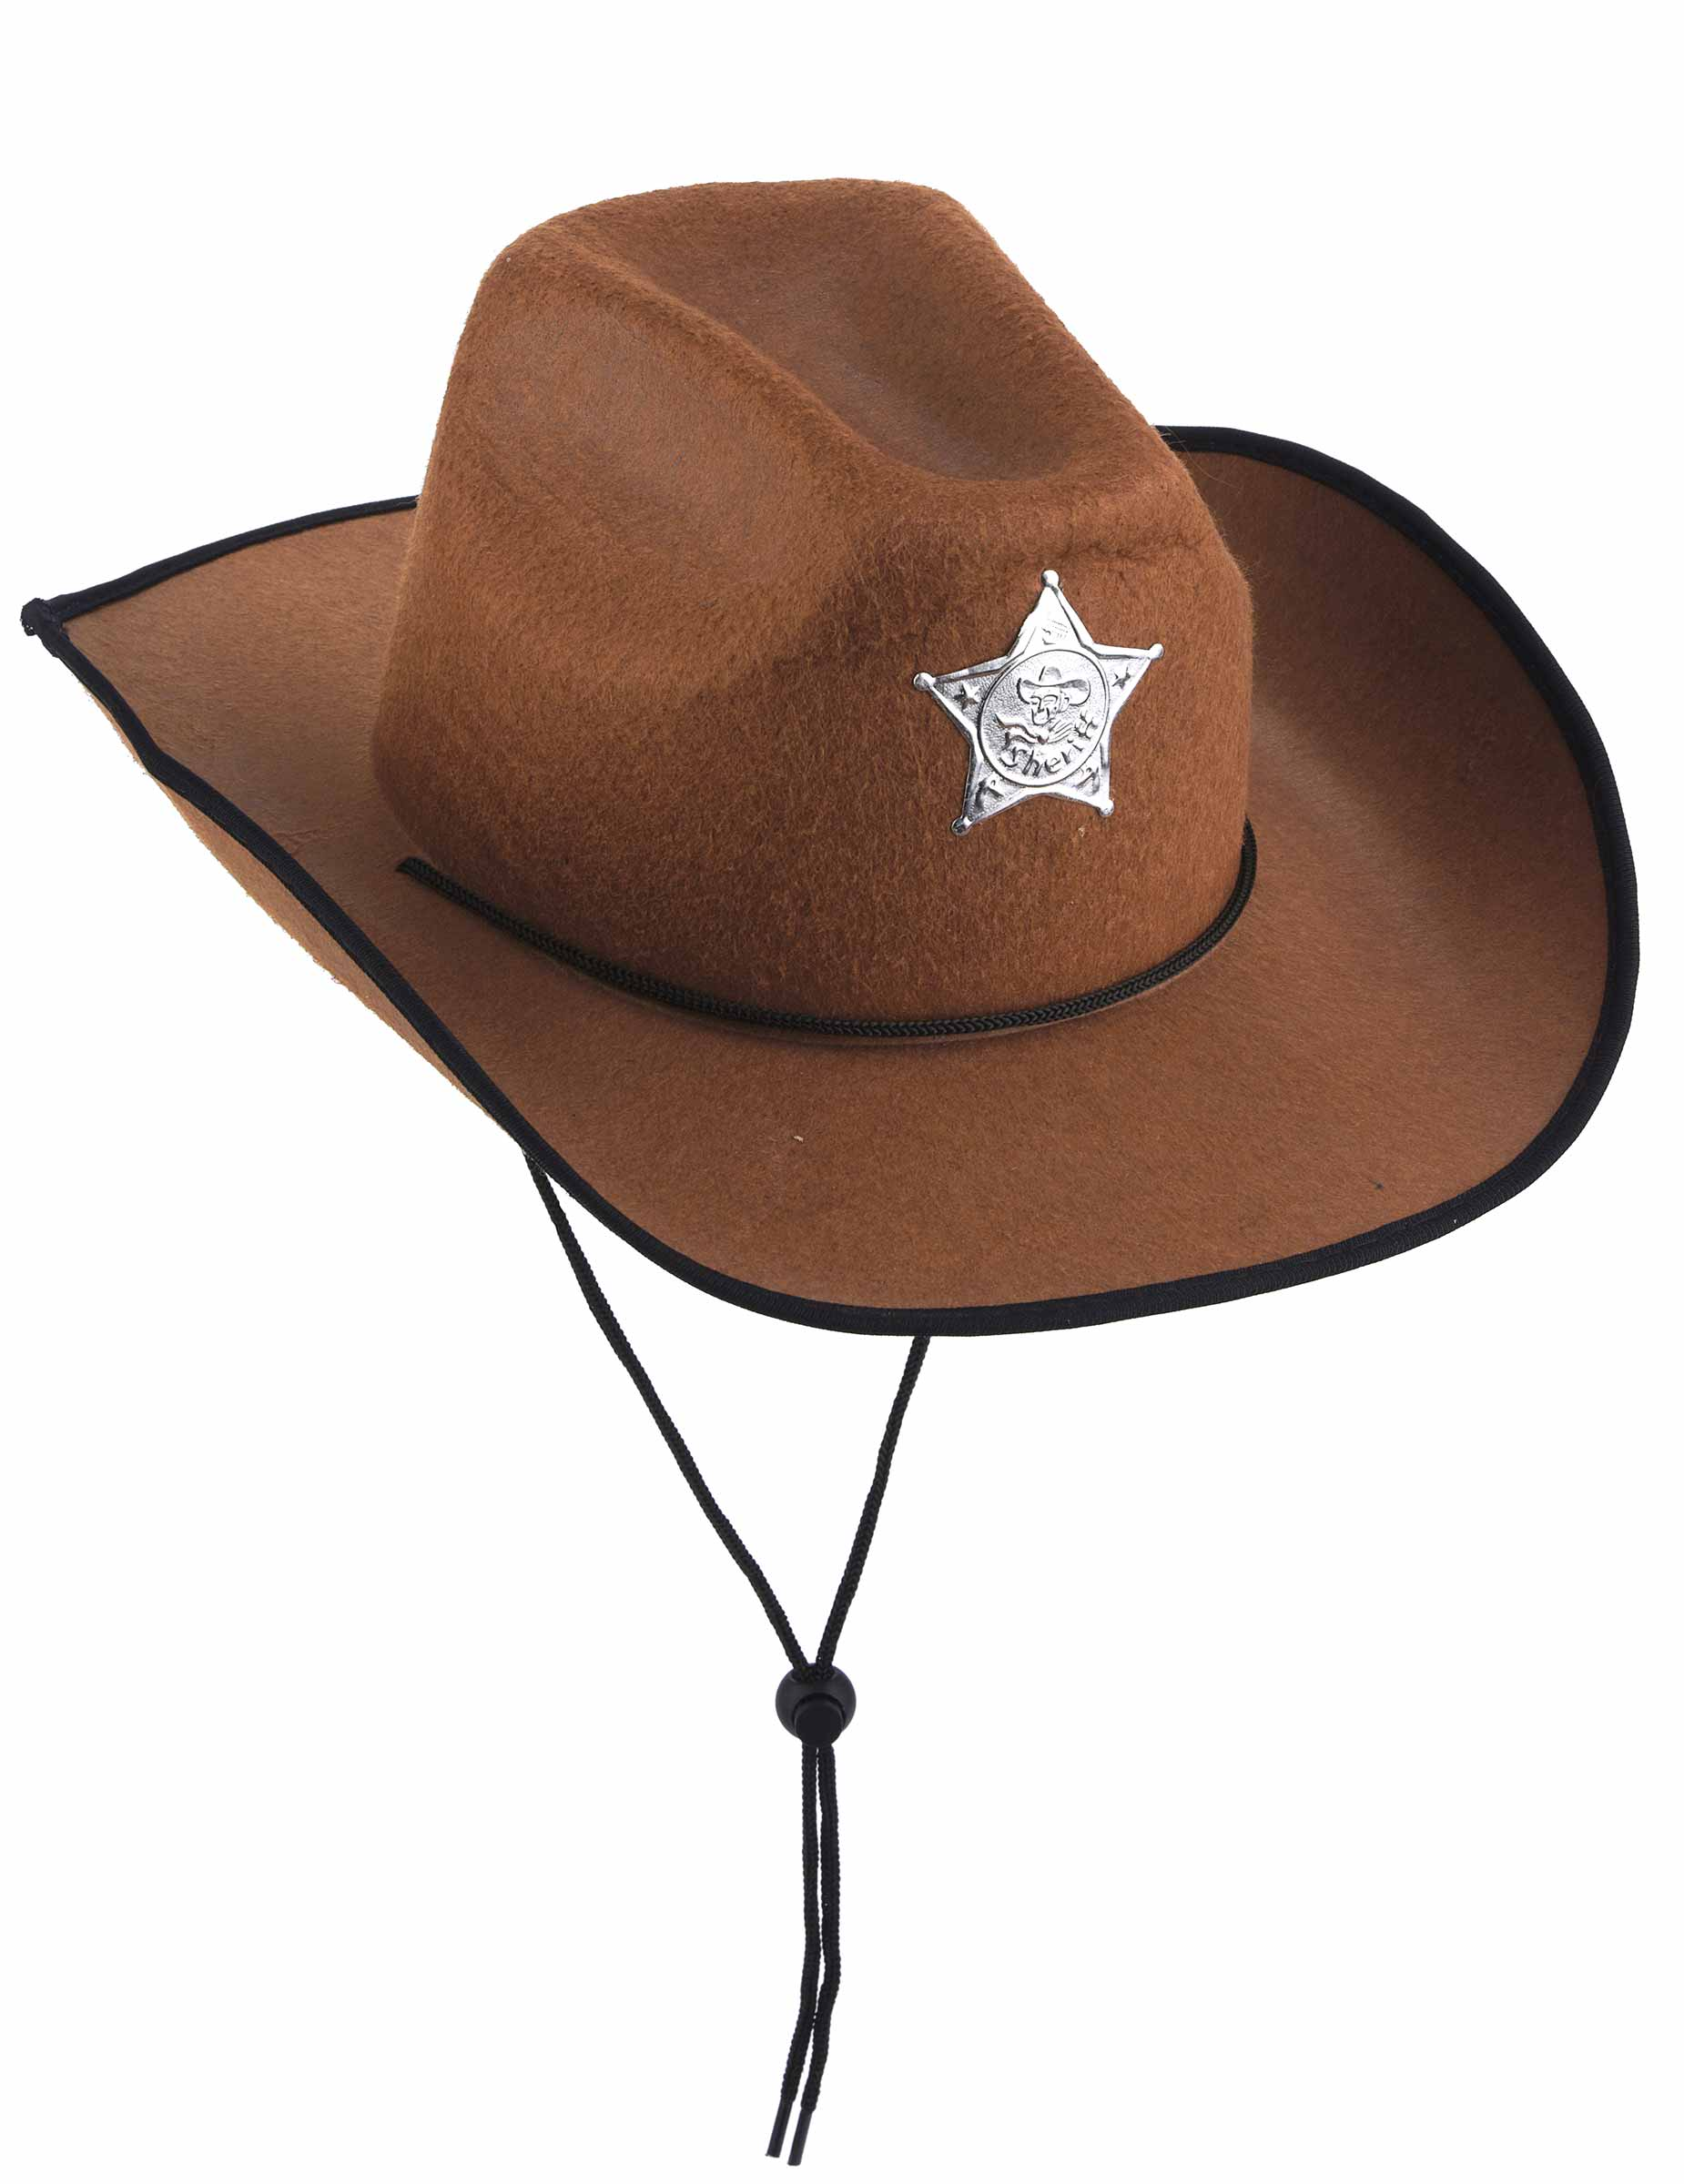 Cappello da sceriffo marrone per bambino su VegaooParty 275756740d15